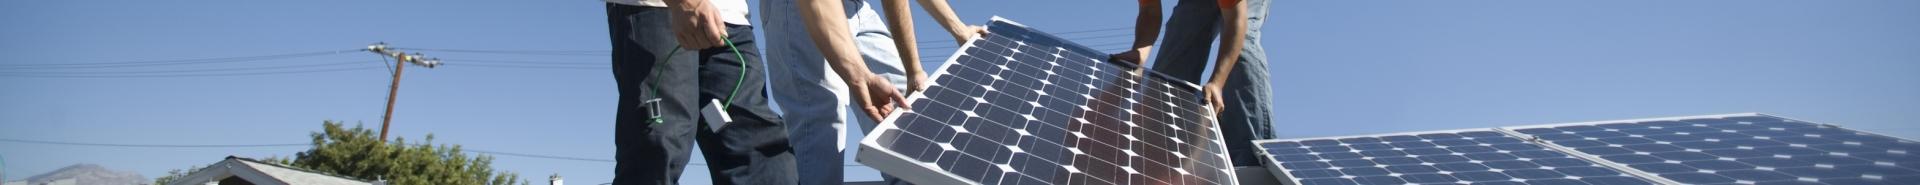 Duurzaam zonnepanelen